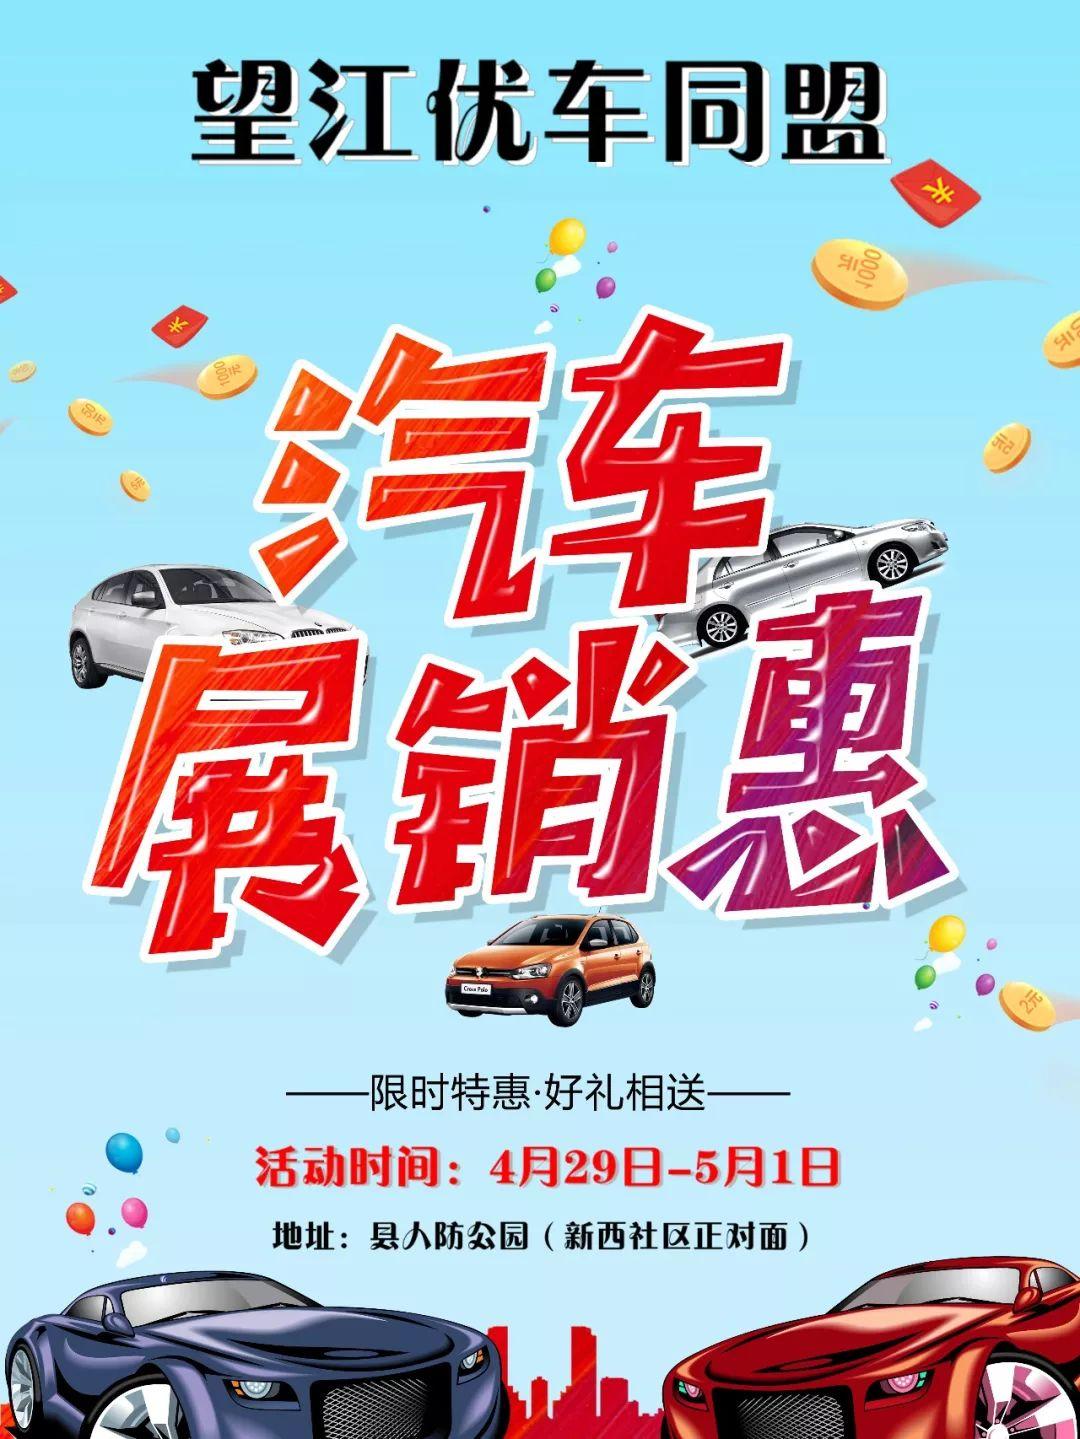 """""""五一""""望江优车同盟首届大型汽车展销会倒计时,让买车更划算!"""